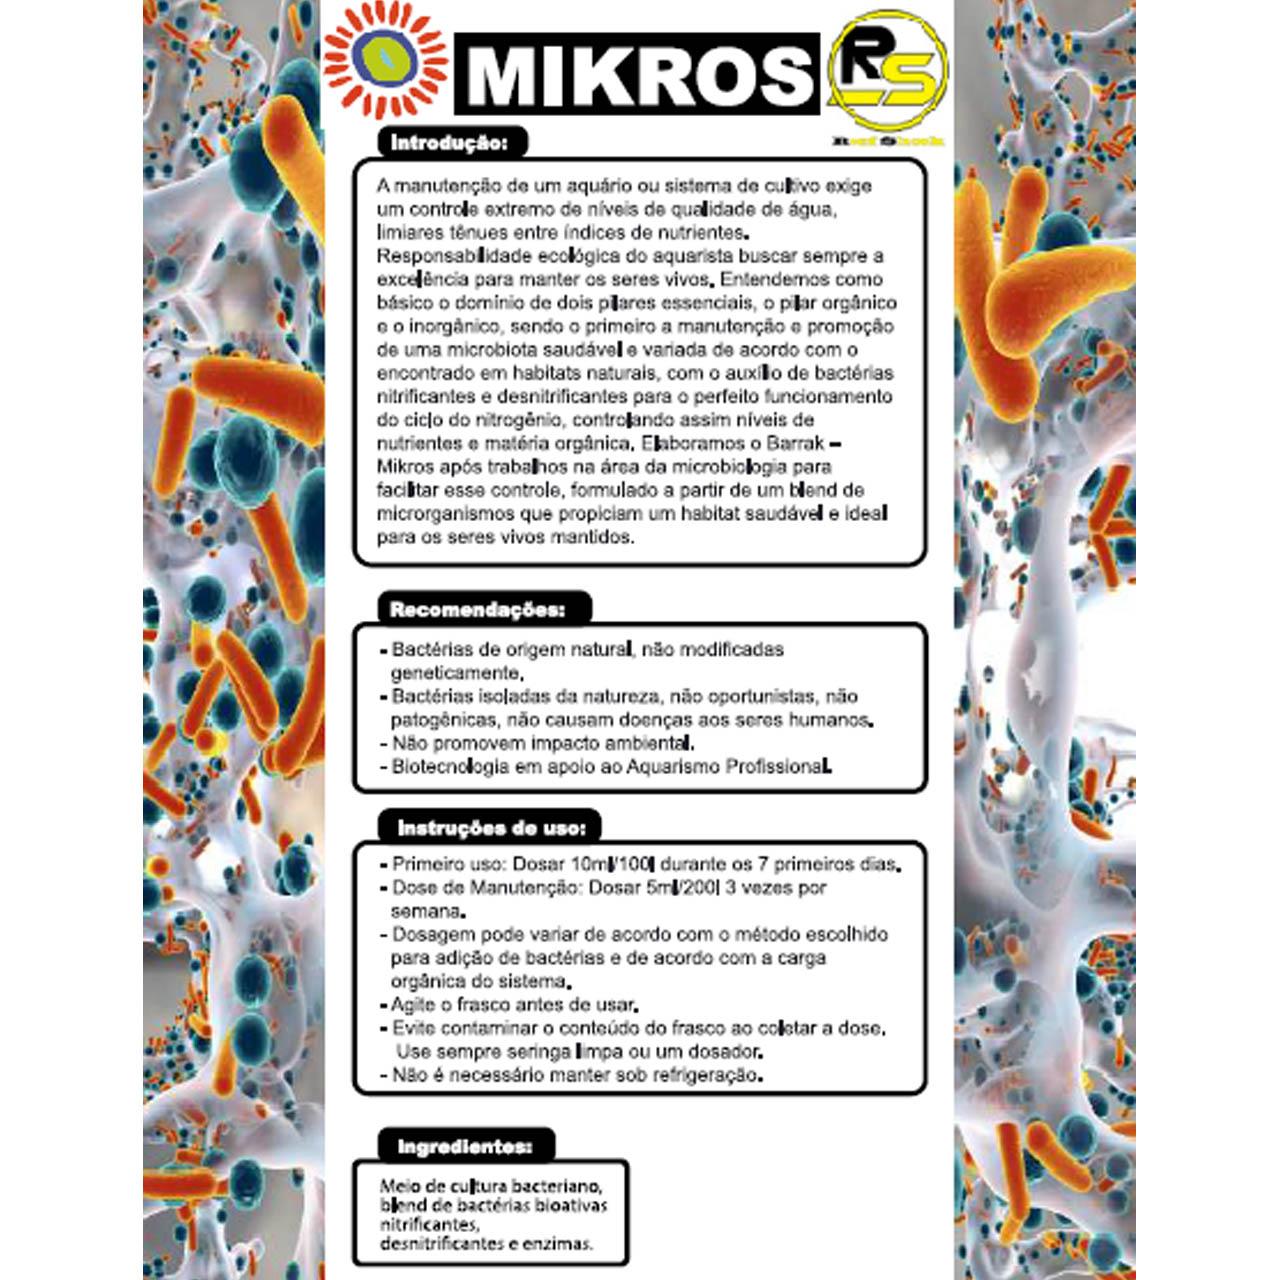 Barrak Mikros 400ml Blend de Bactérias Nitrificantes e Desnitrificantes